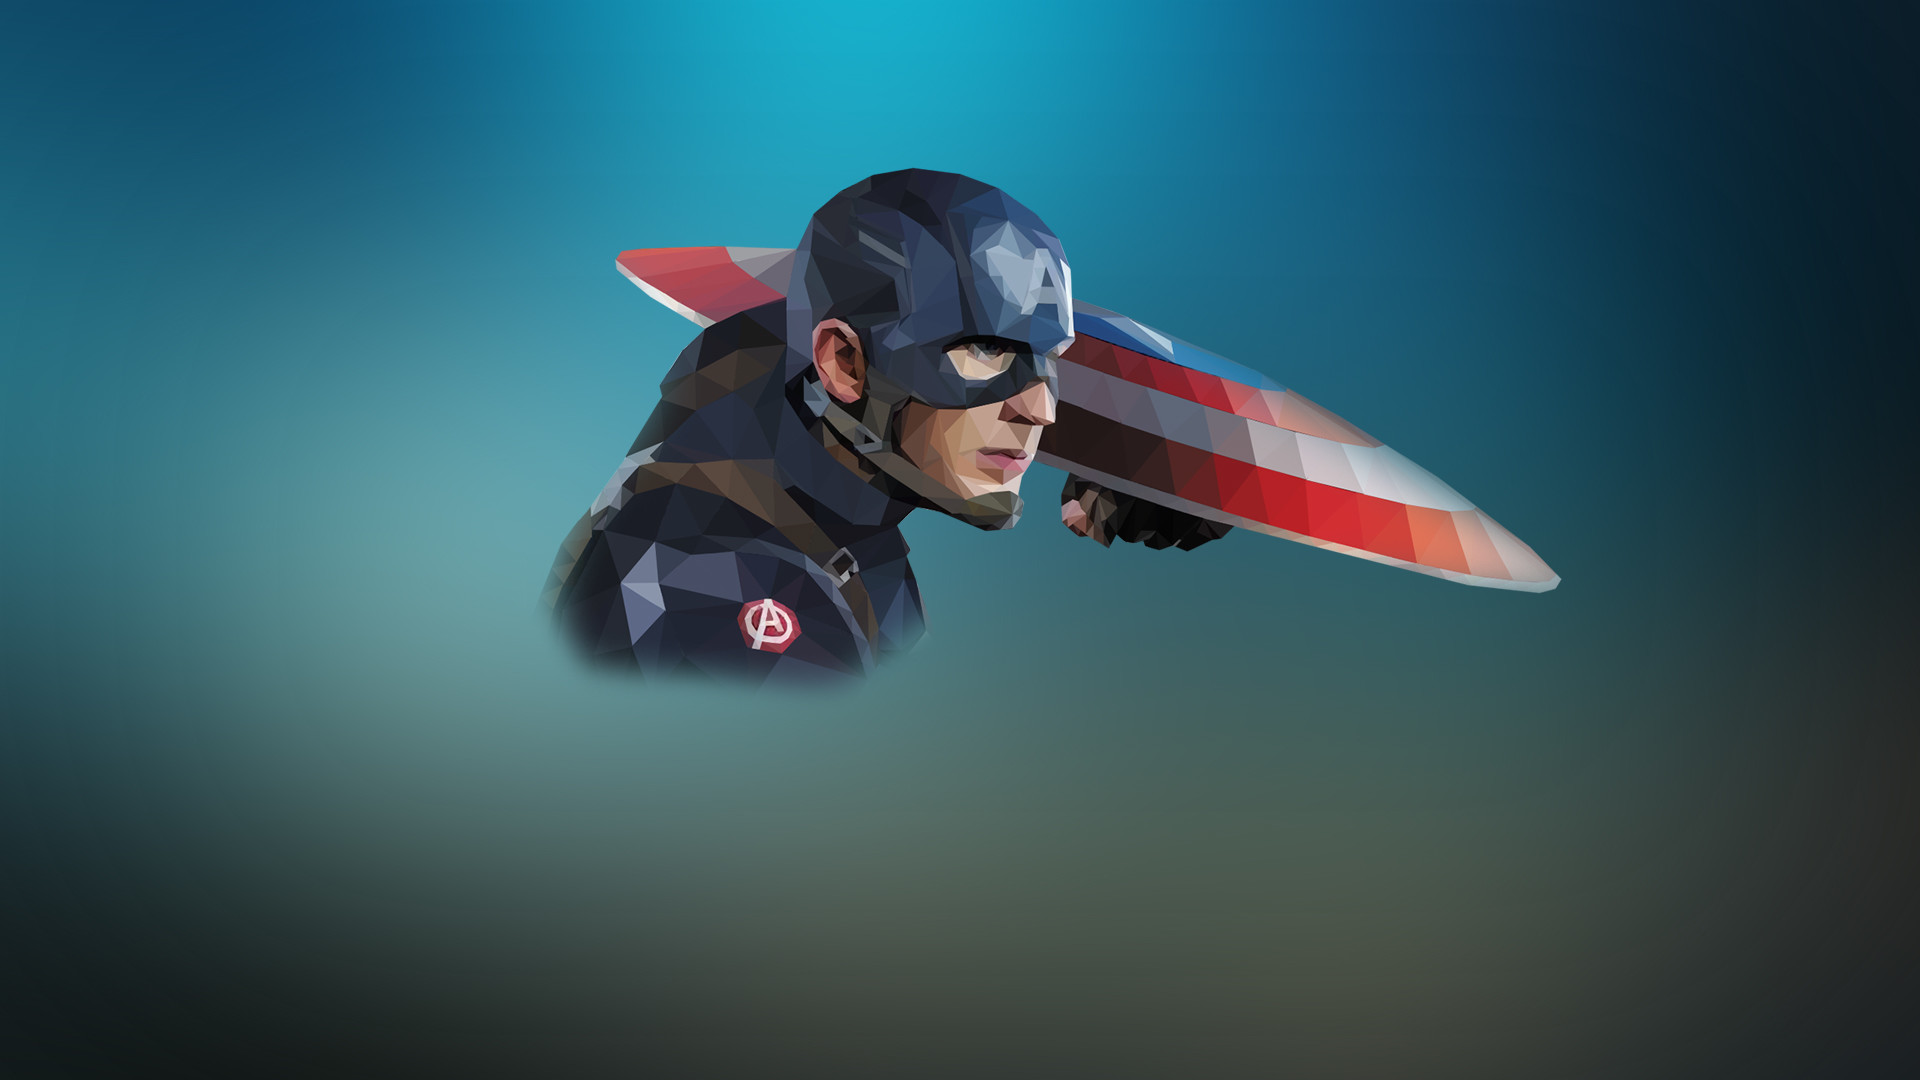 low poly portrait Captain America, simple superhero wallpaper